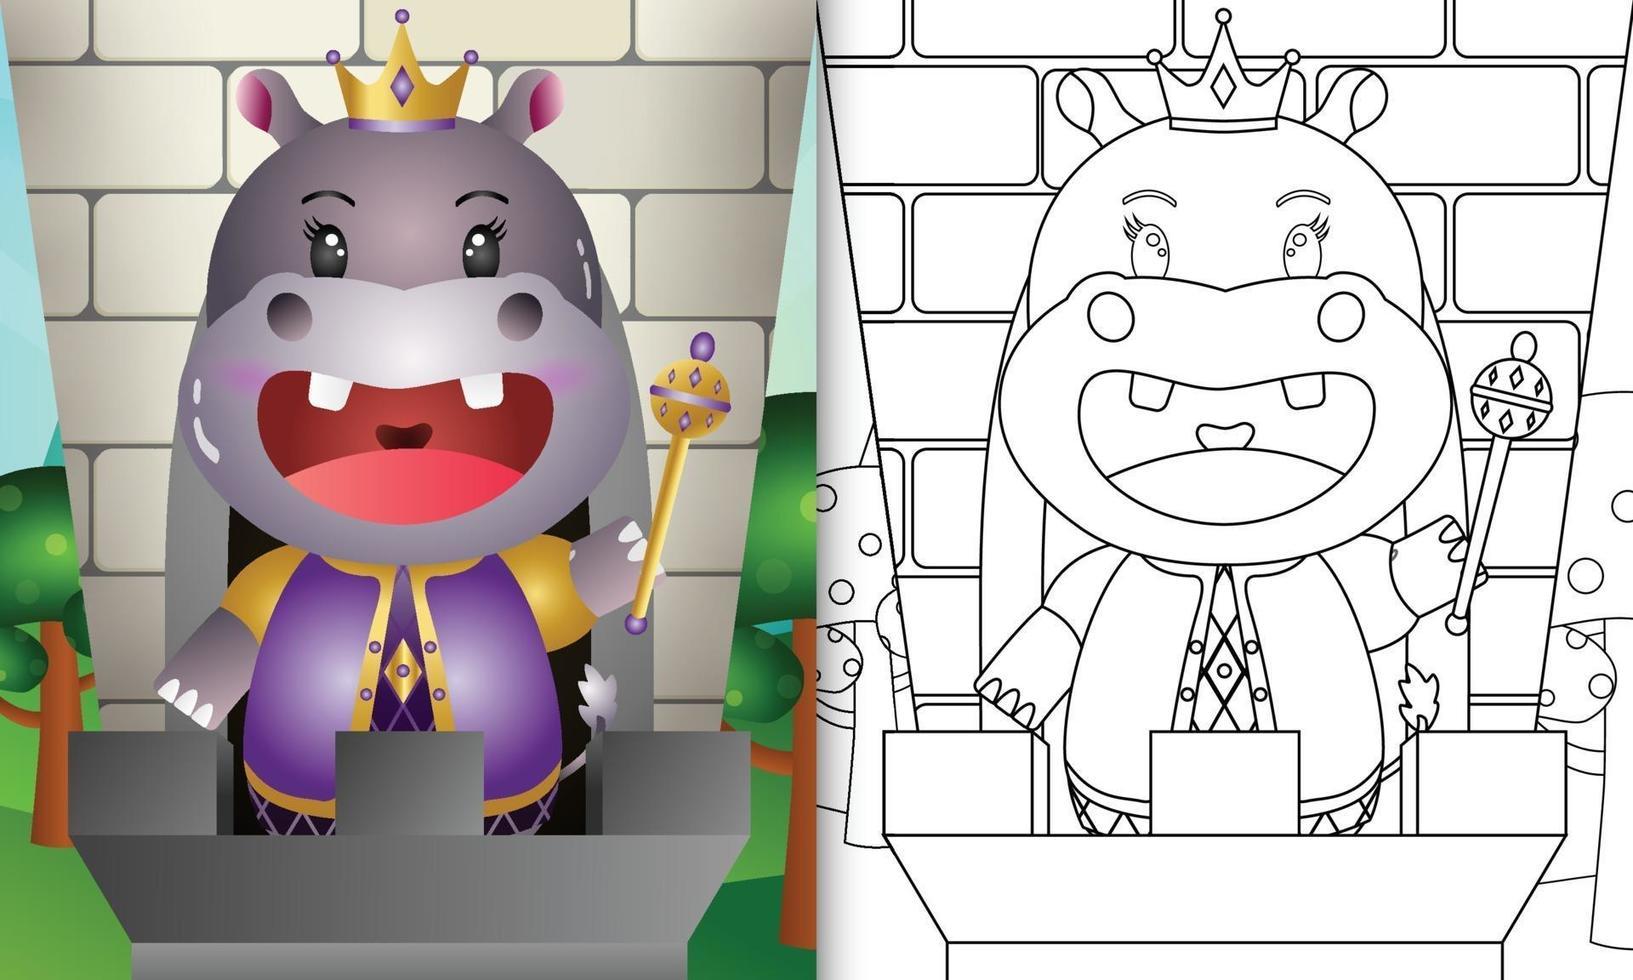 modèle de livre de coloriage pour les enfants avec une illustration de personnage mignon roi hippopotame vecteur